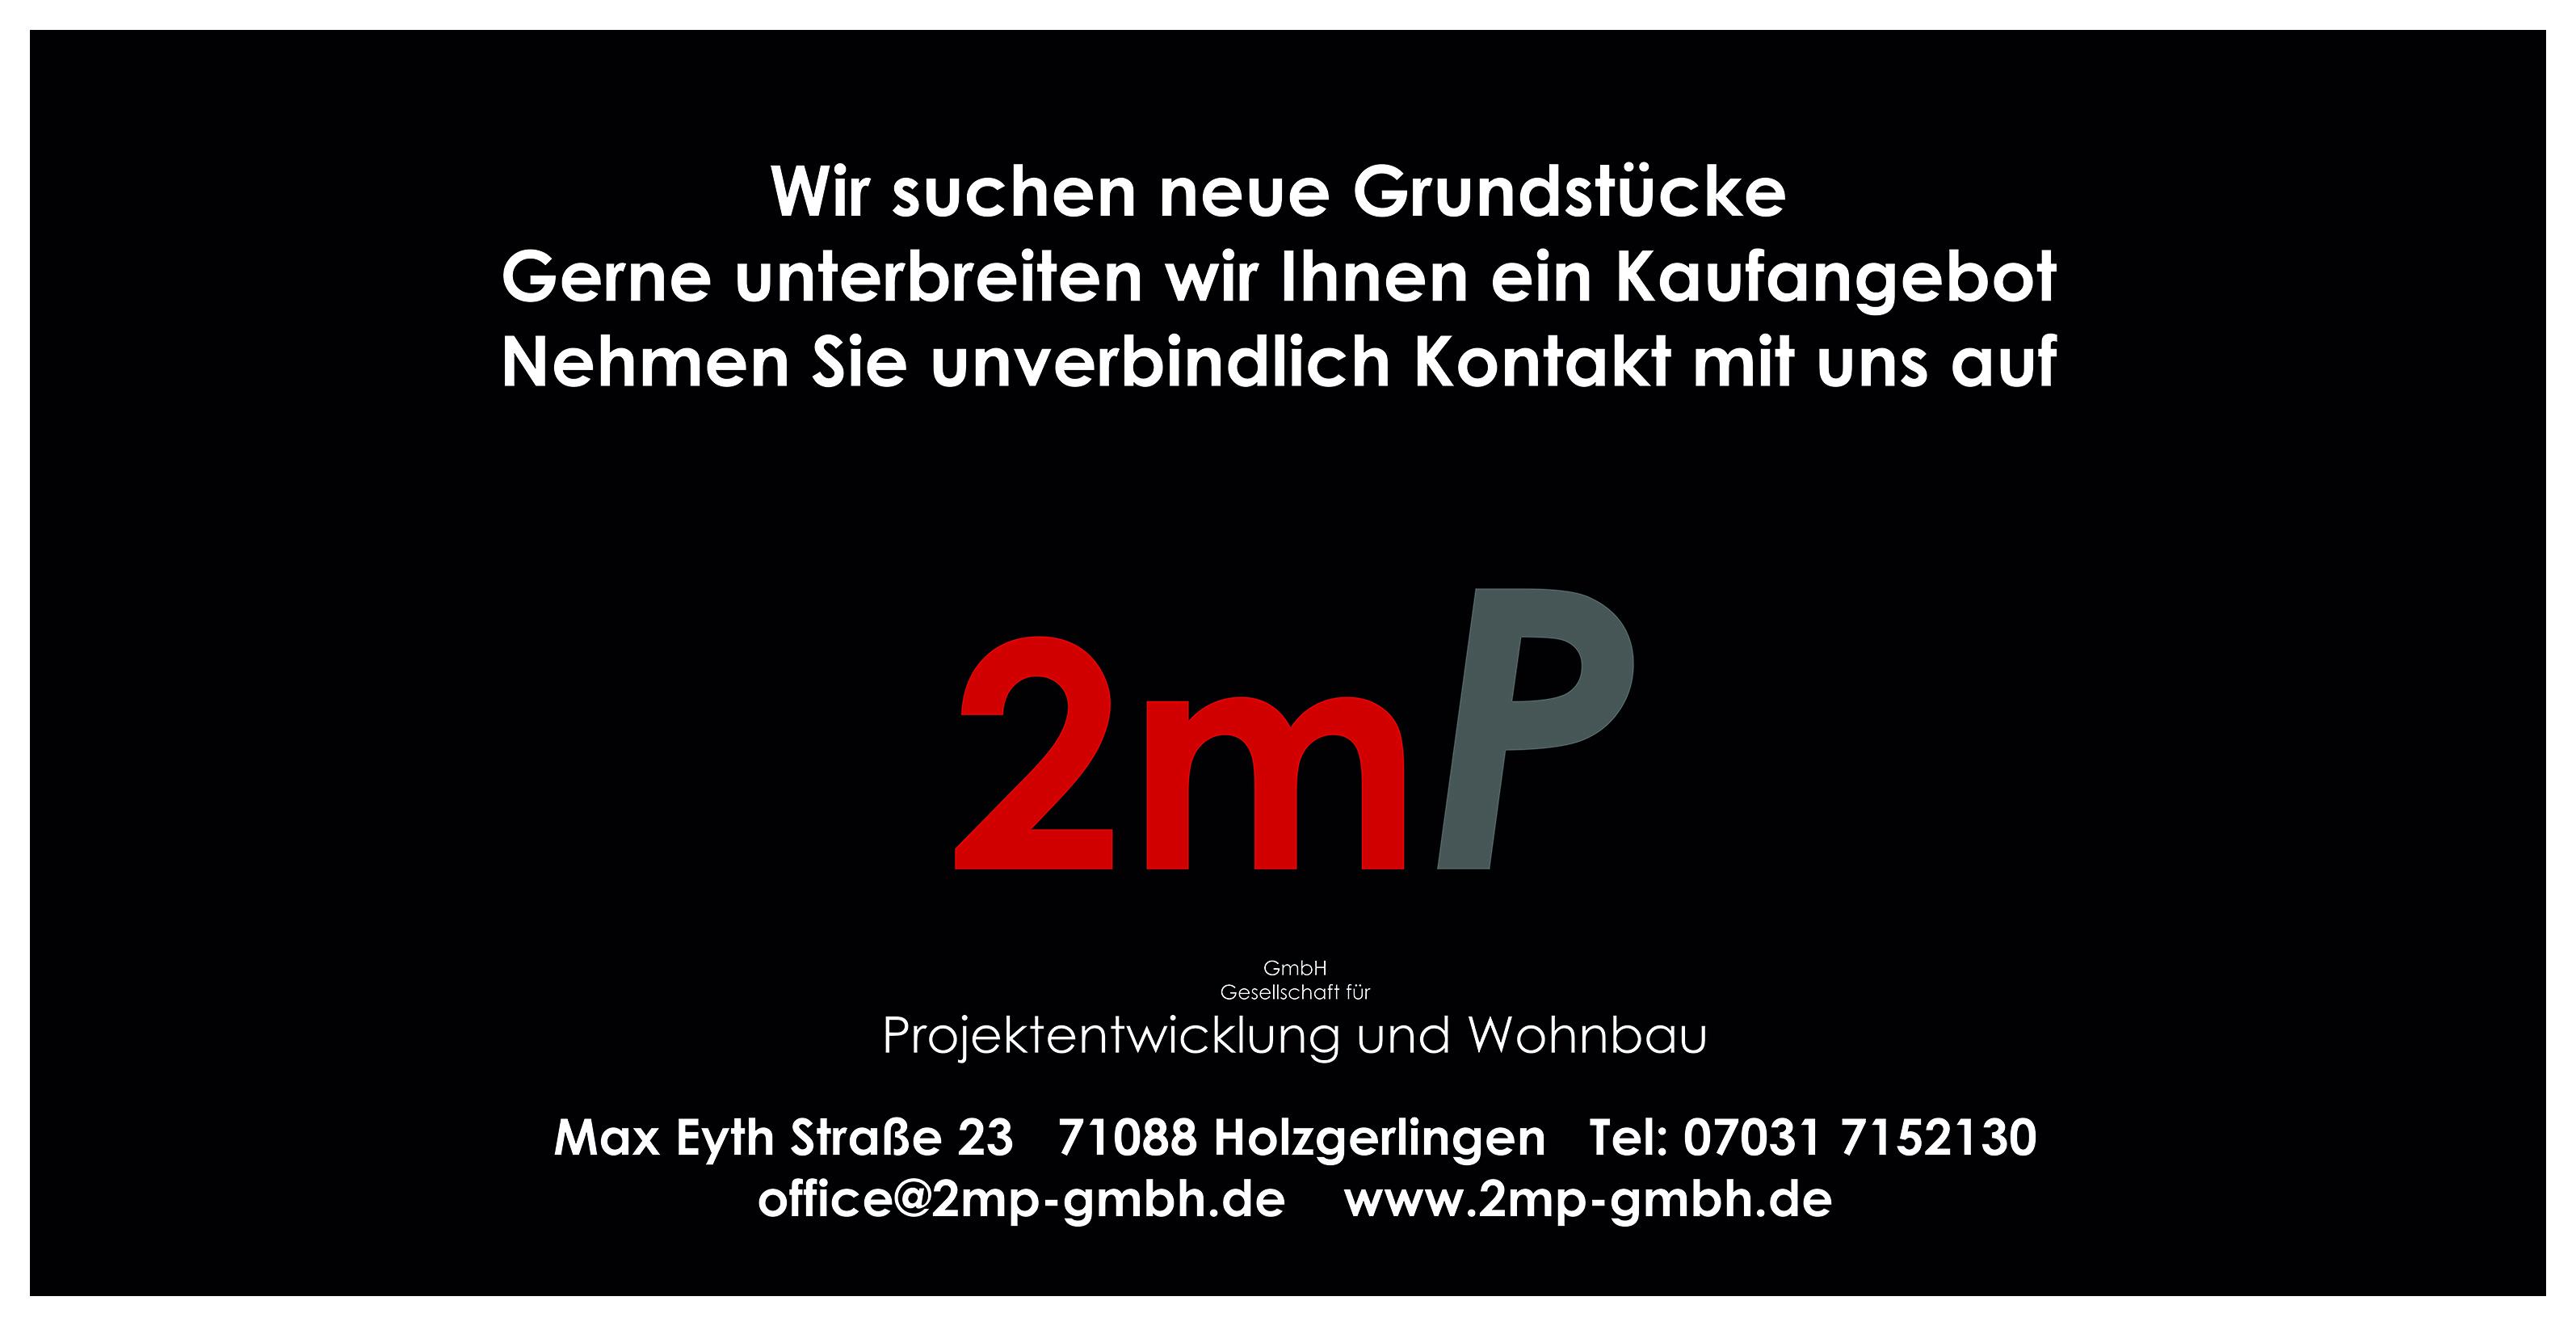 2mP GmbH Gesellschaft für Projektentwicklung und Wohnbau